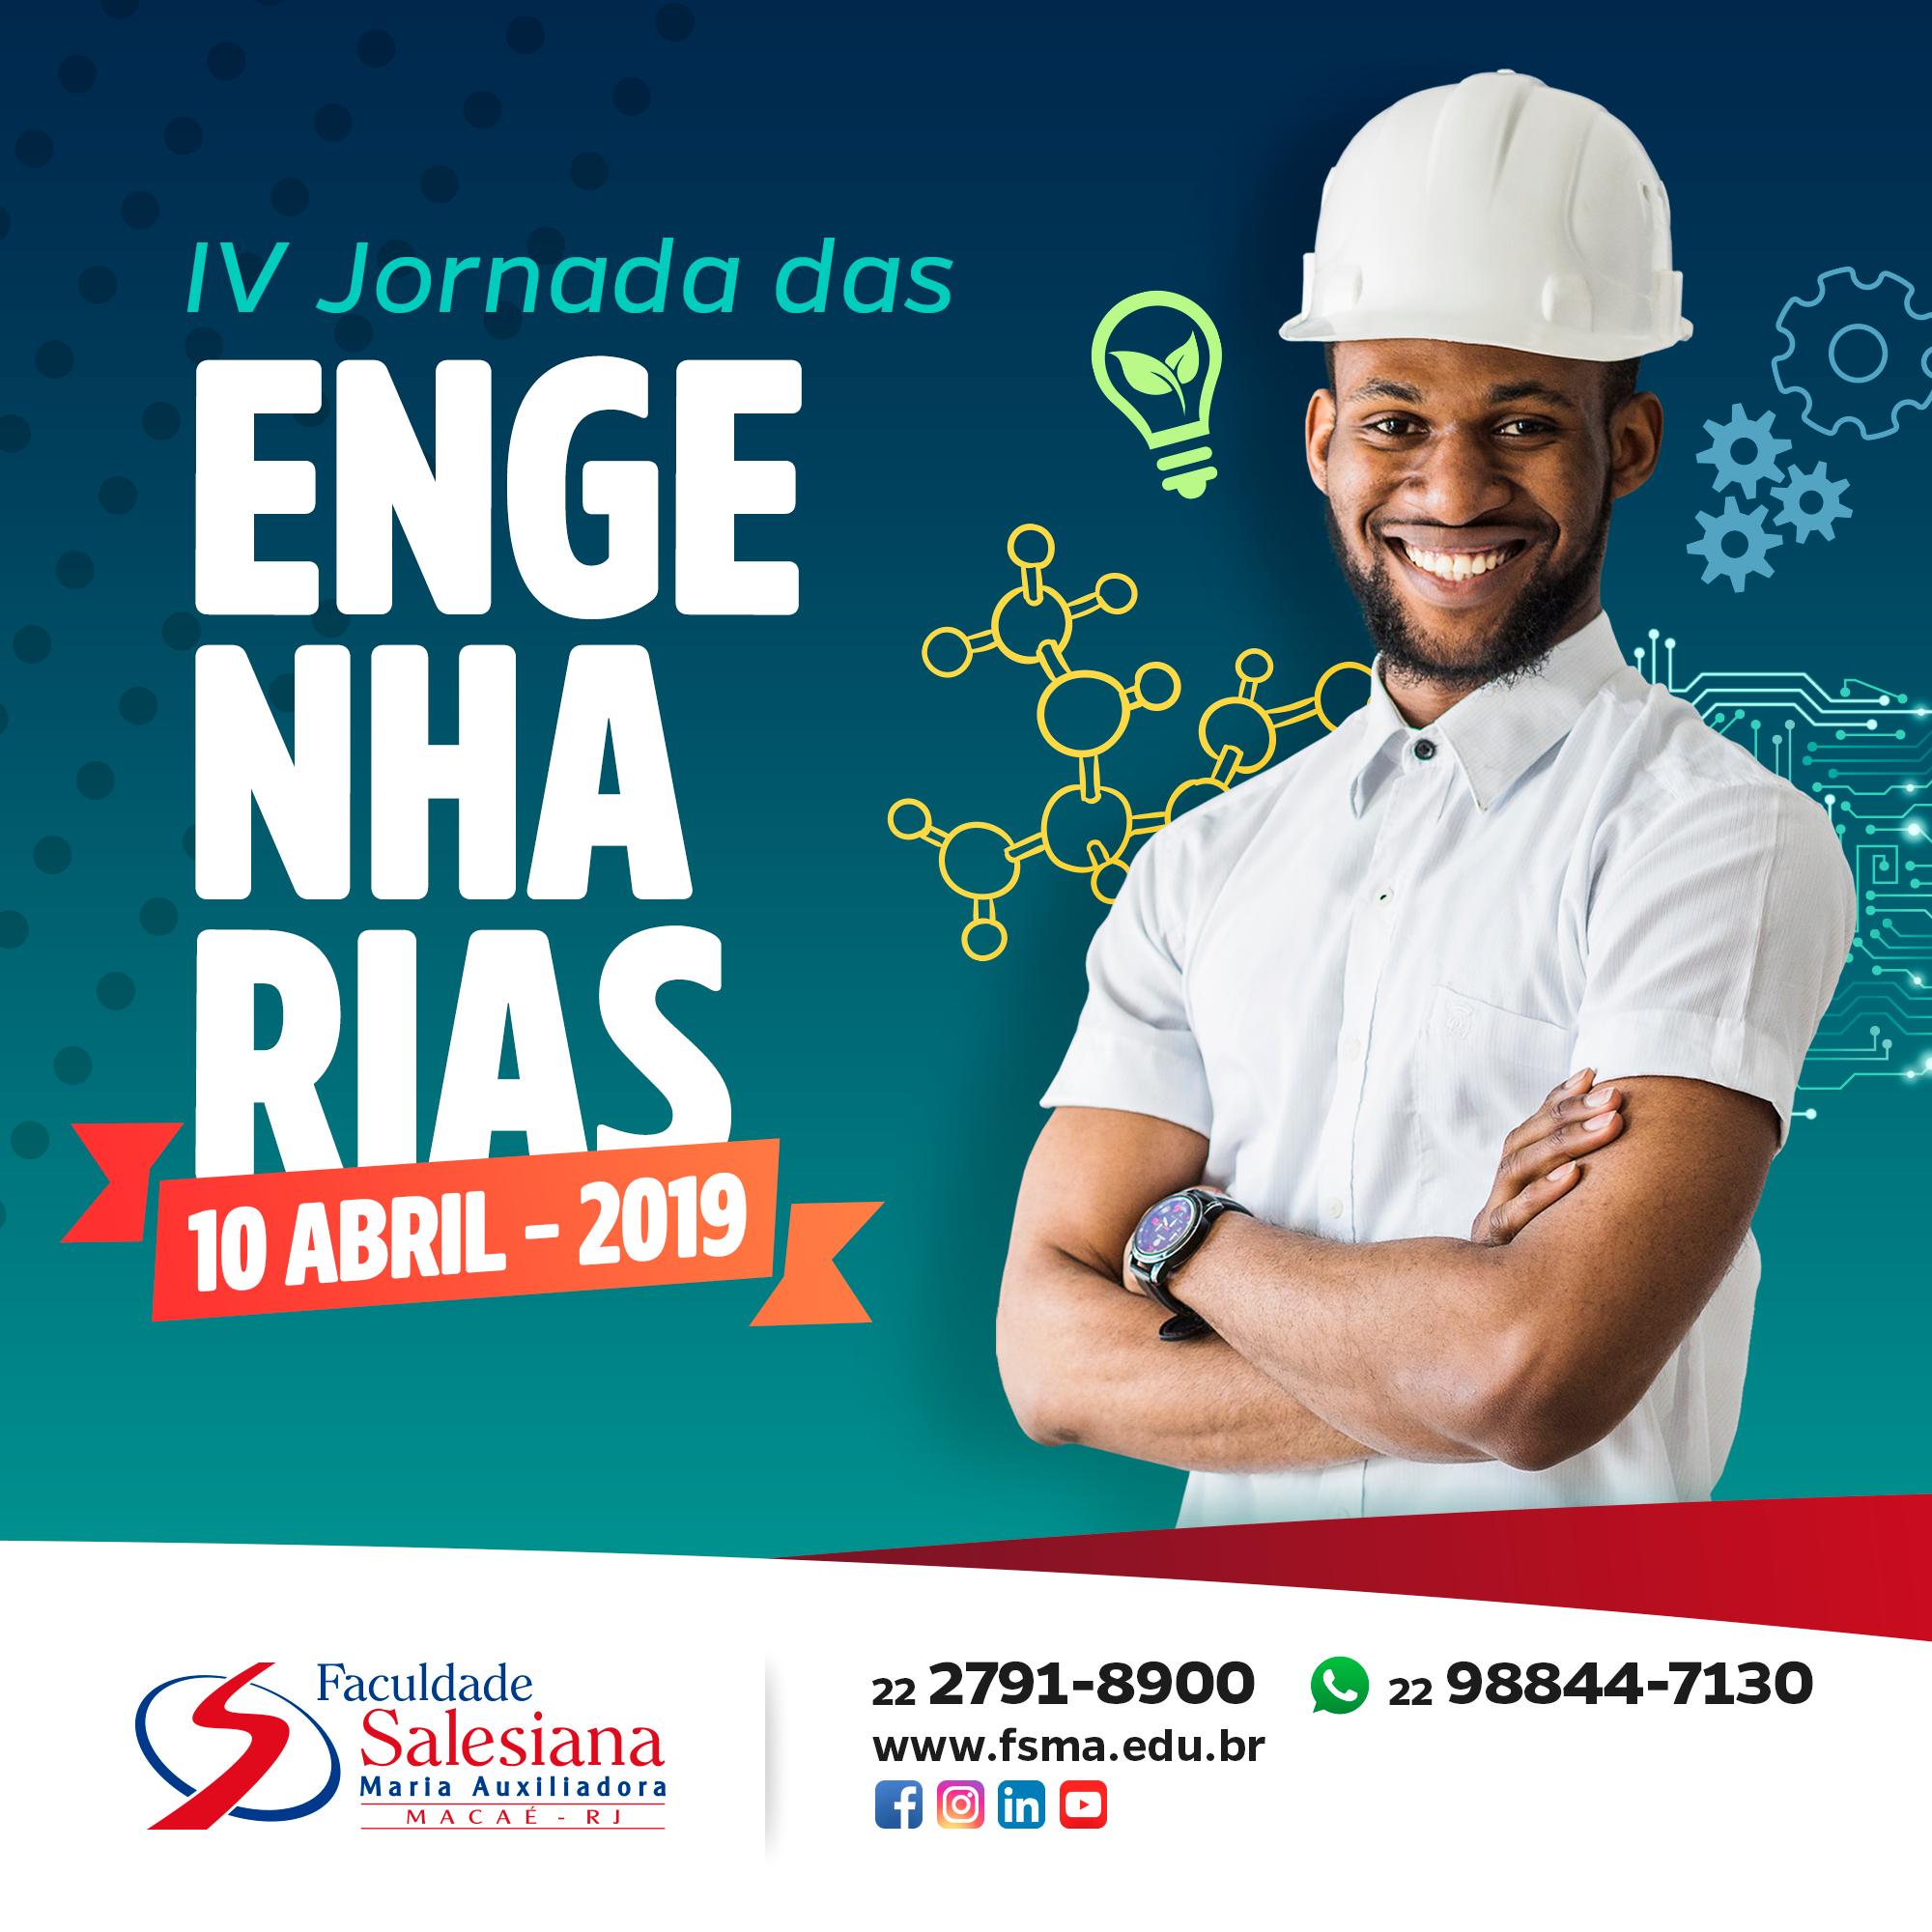 Jornada das Engenharias acontecerá no dia 10